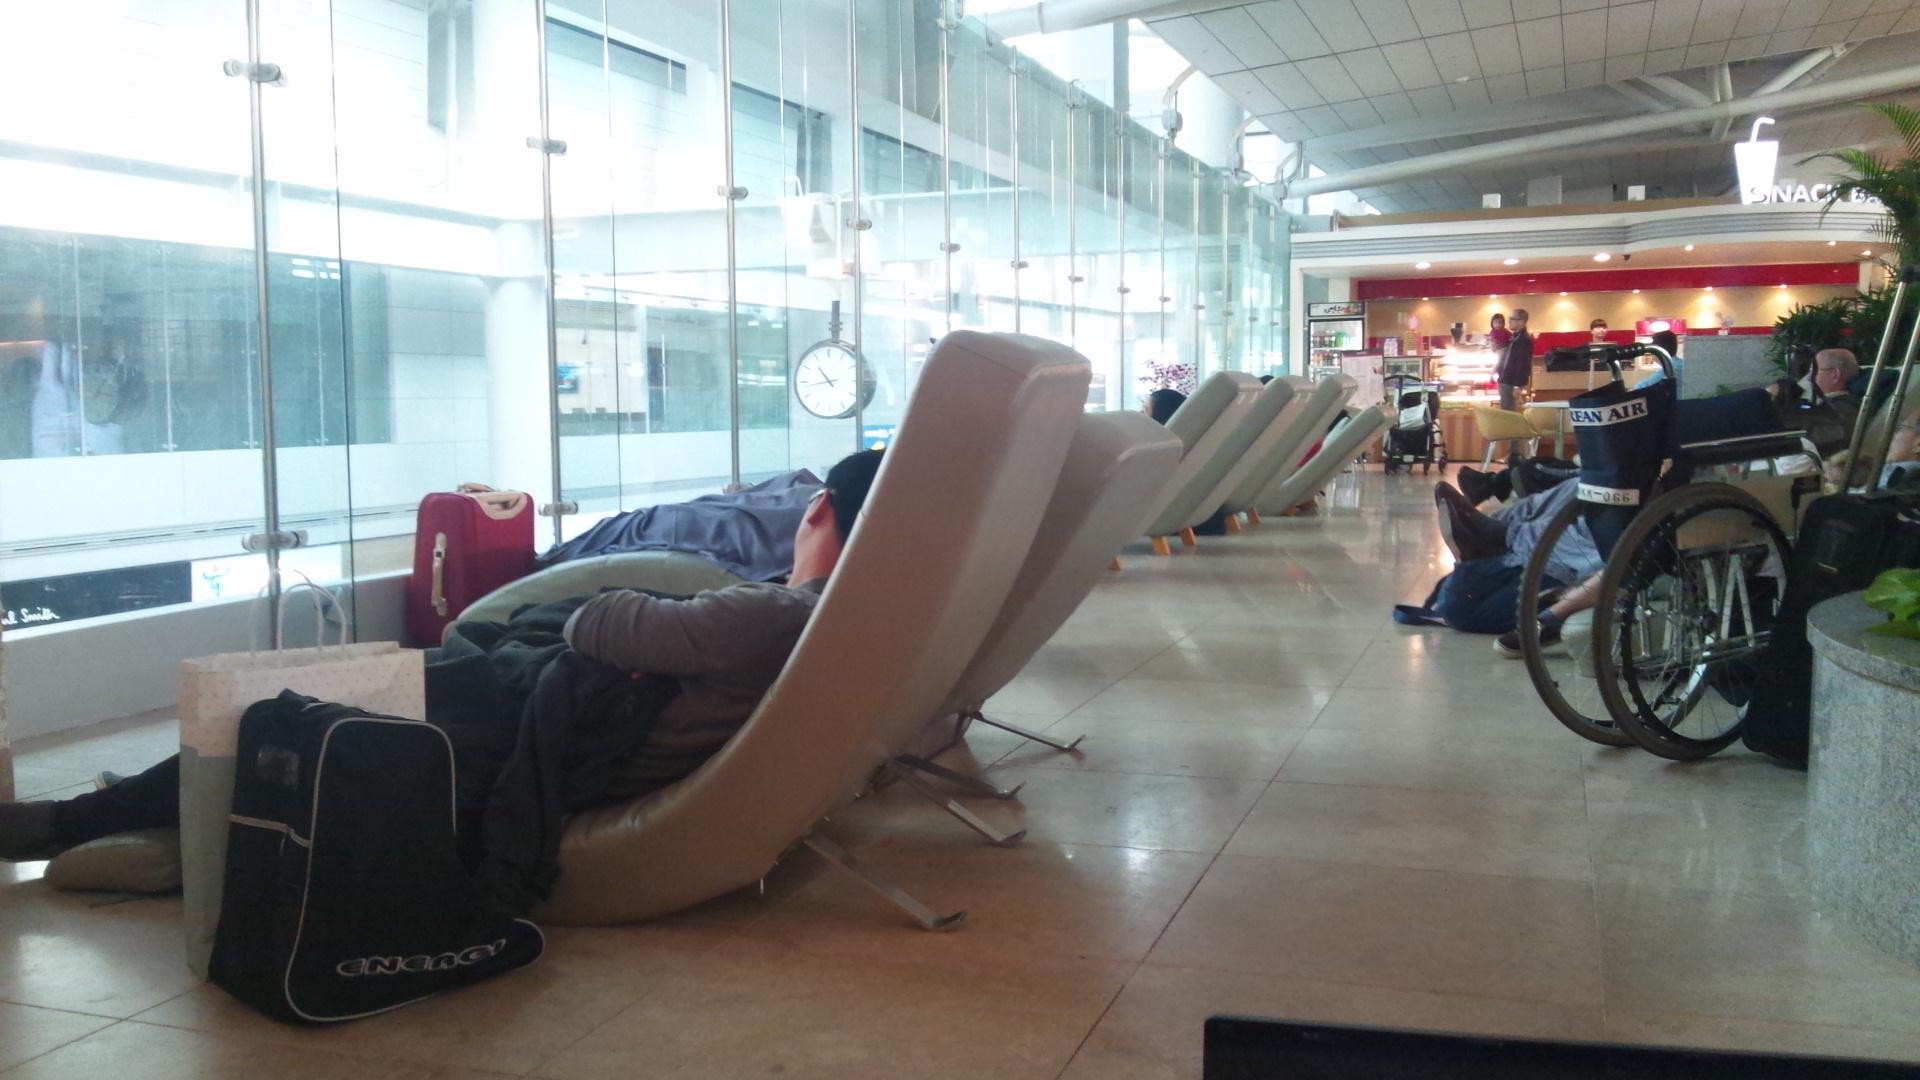 بحال فيلم تيرمينال. مرا 8 سنين وهي عايشة فمطار سنغافورة